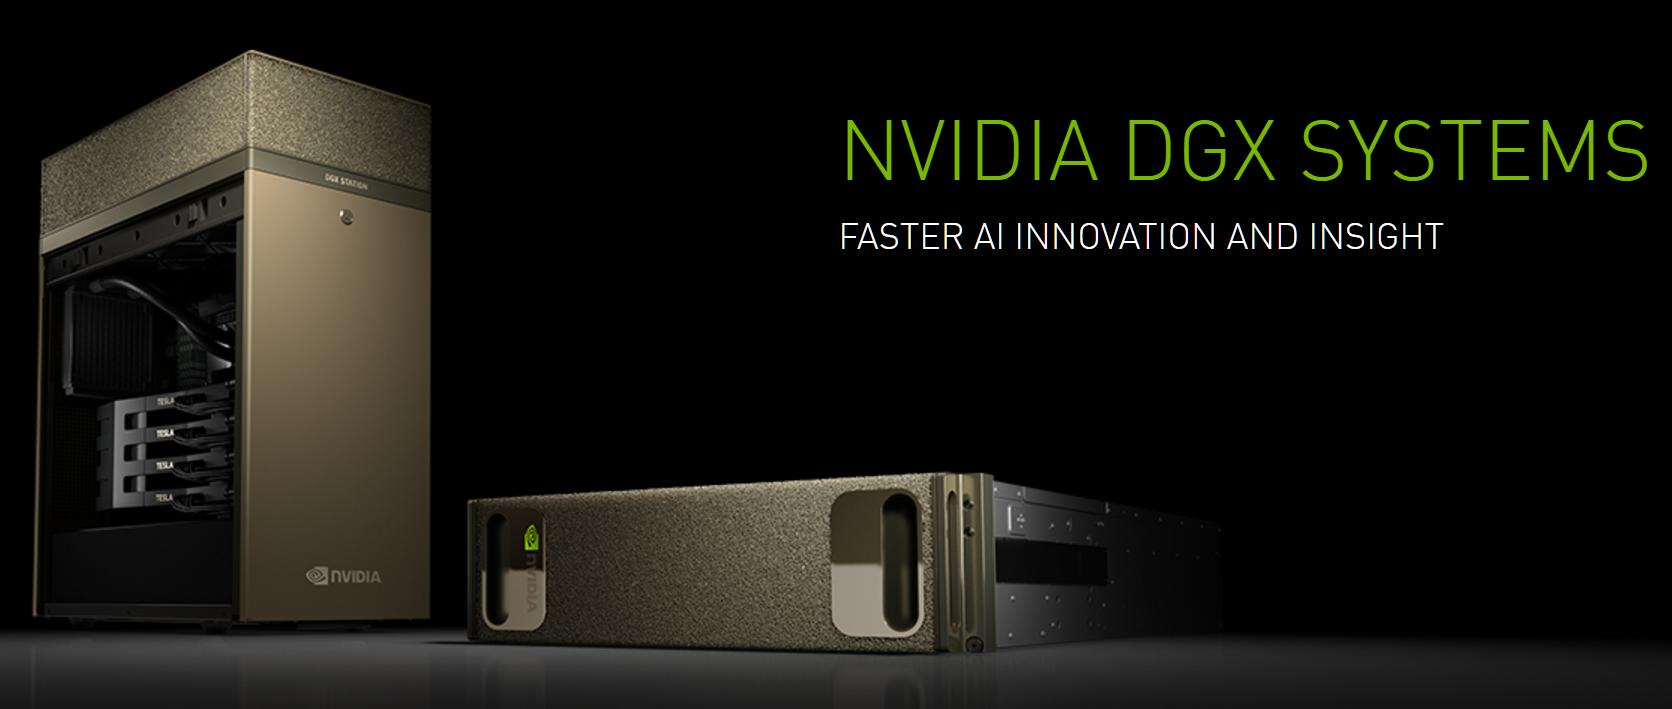 Nvidia Volta Tesla V100 Powers Next Gen Dgx 1 And Hgx 1